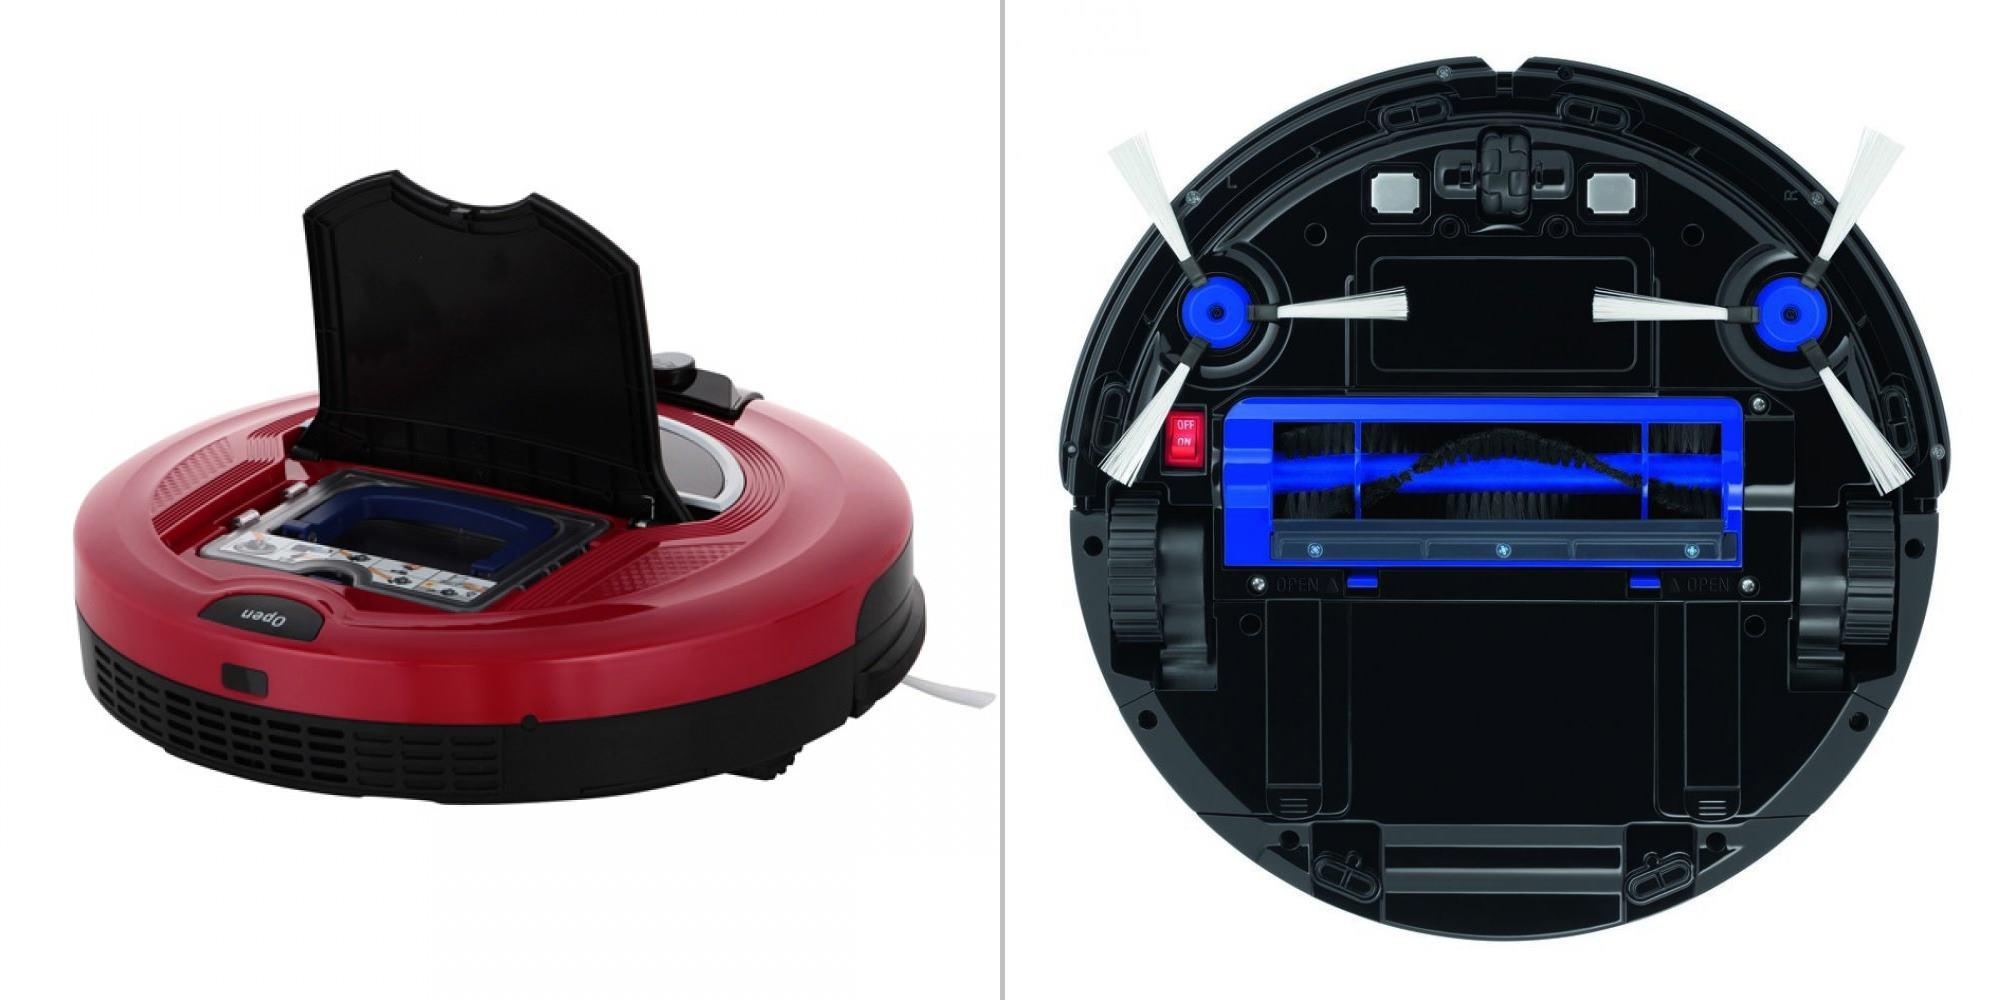 робот пылесос tefal rg7133rh smart force extreme красный